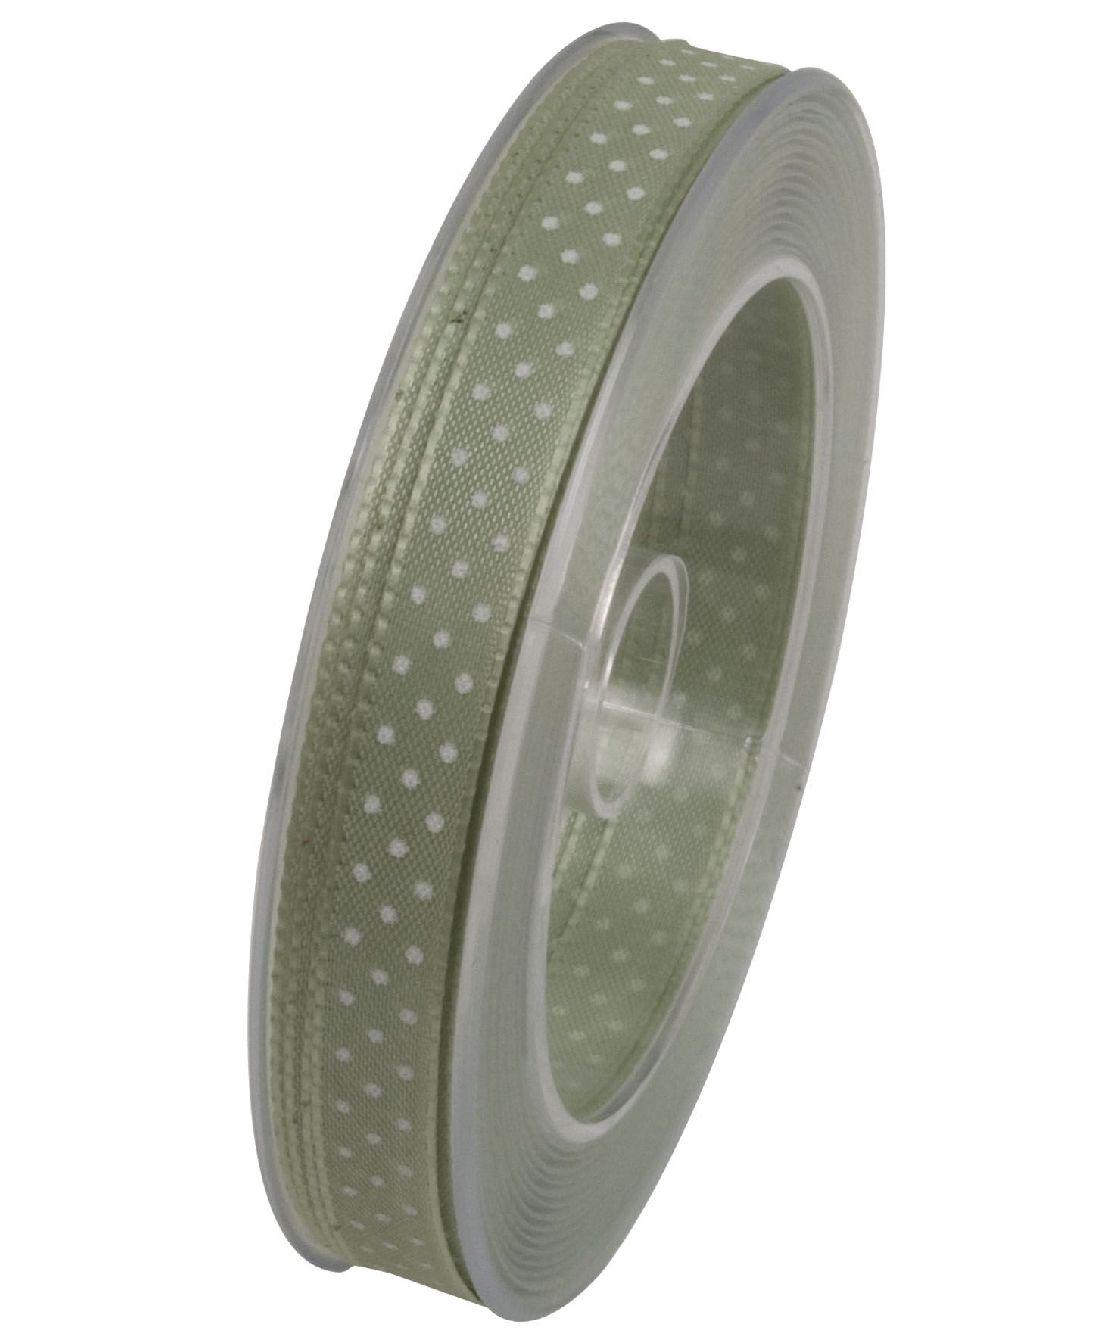 Band Flashlight gepunktet PASTELLGRÜN x133 543 10mm 25m Punkteband